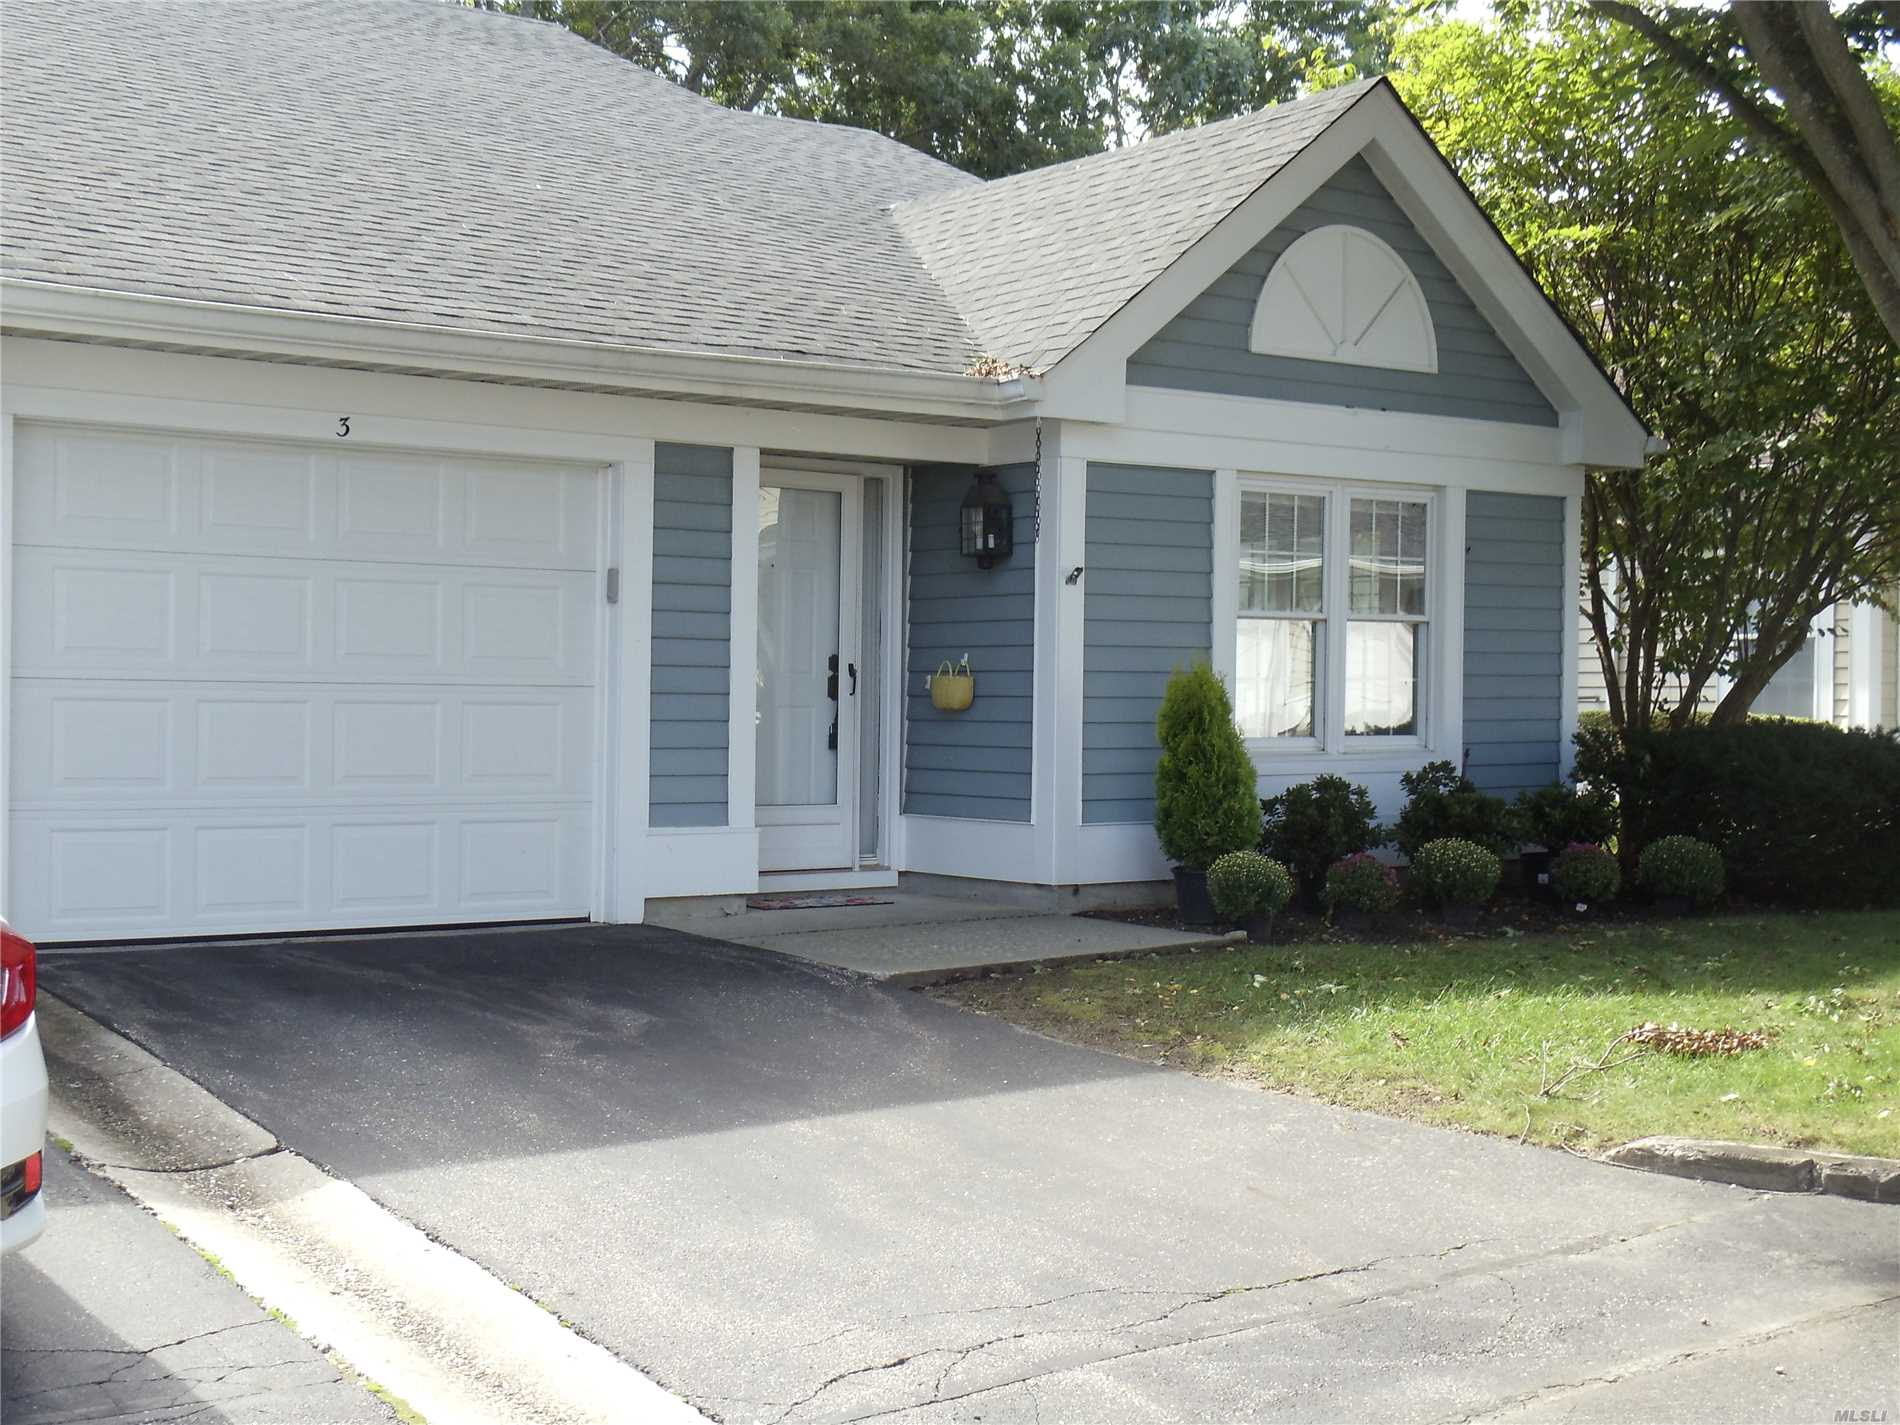 Property for sale at 3 Wainscott Ct, Ridge,  NY 11961